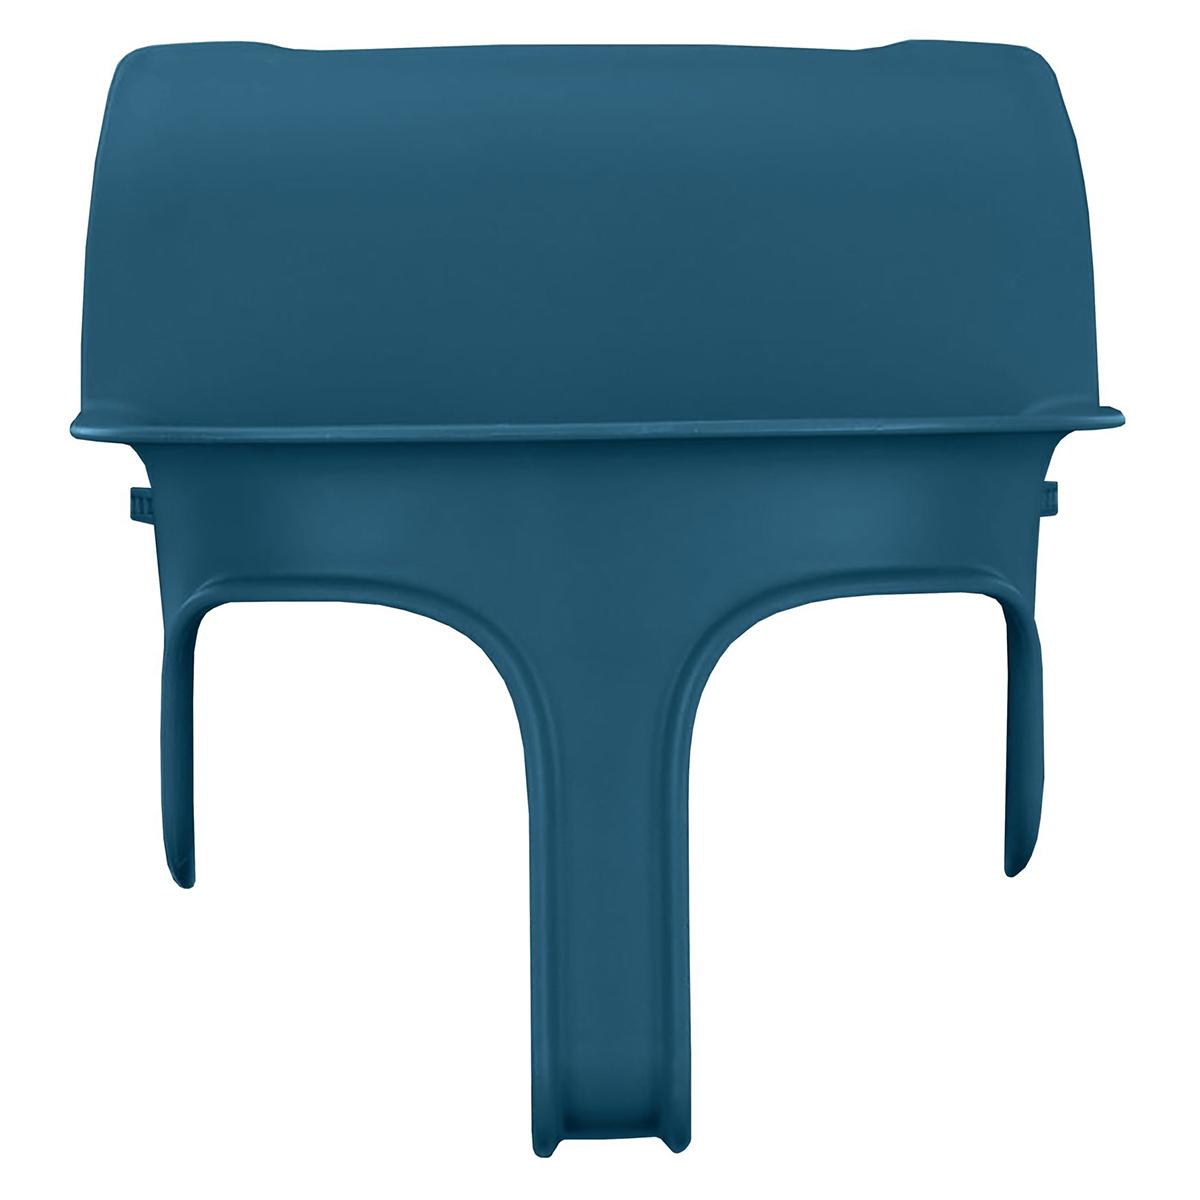 Chaise haute Set Bébé Lemo 2 - Twilight Blue Set Bébé Lemo 2 - Twilight Blue